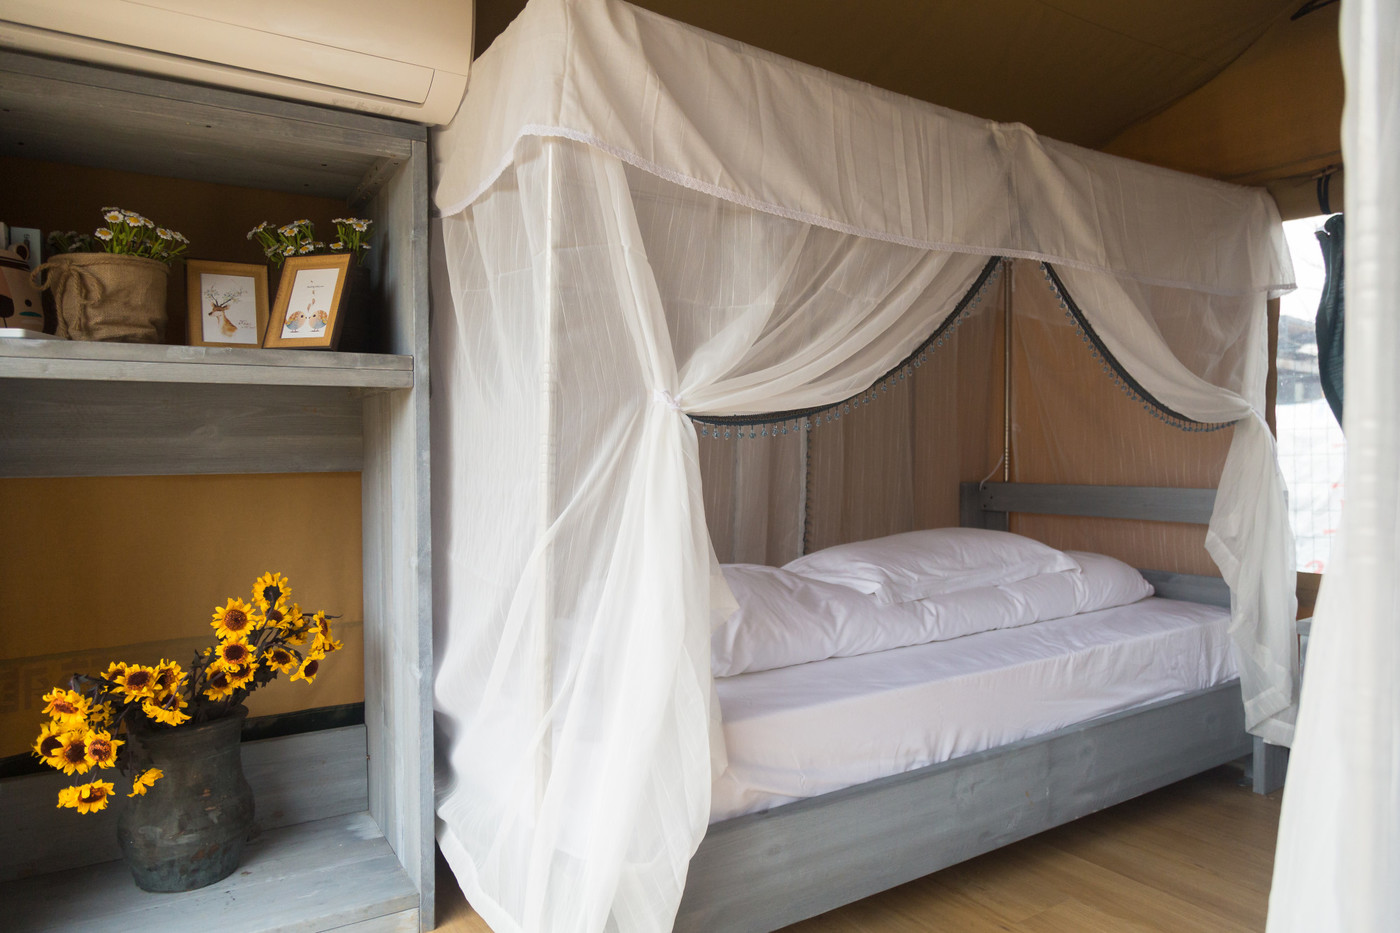 喜马拉雅嘉境林邸子母房奢华帐篷酒店生产厂家,为全球30多个国家提供营地帐篷酒店规划设计制造服务!以下为奢华帐篷酒店图片和视频介绍!34